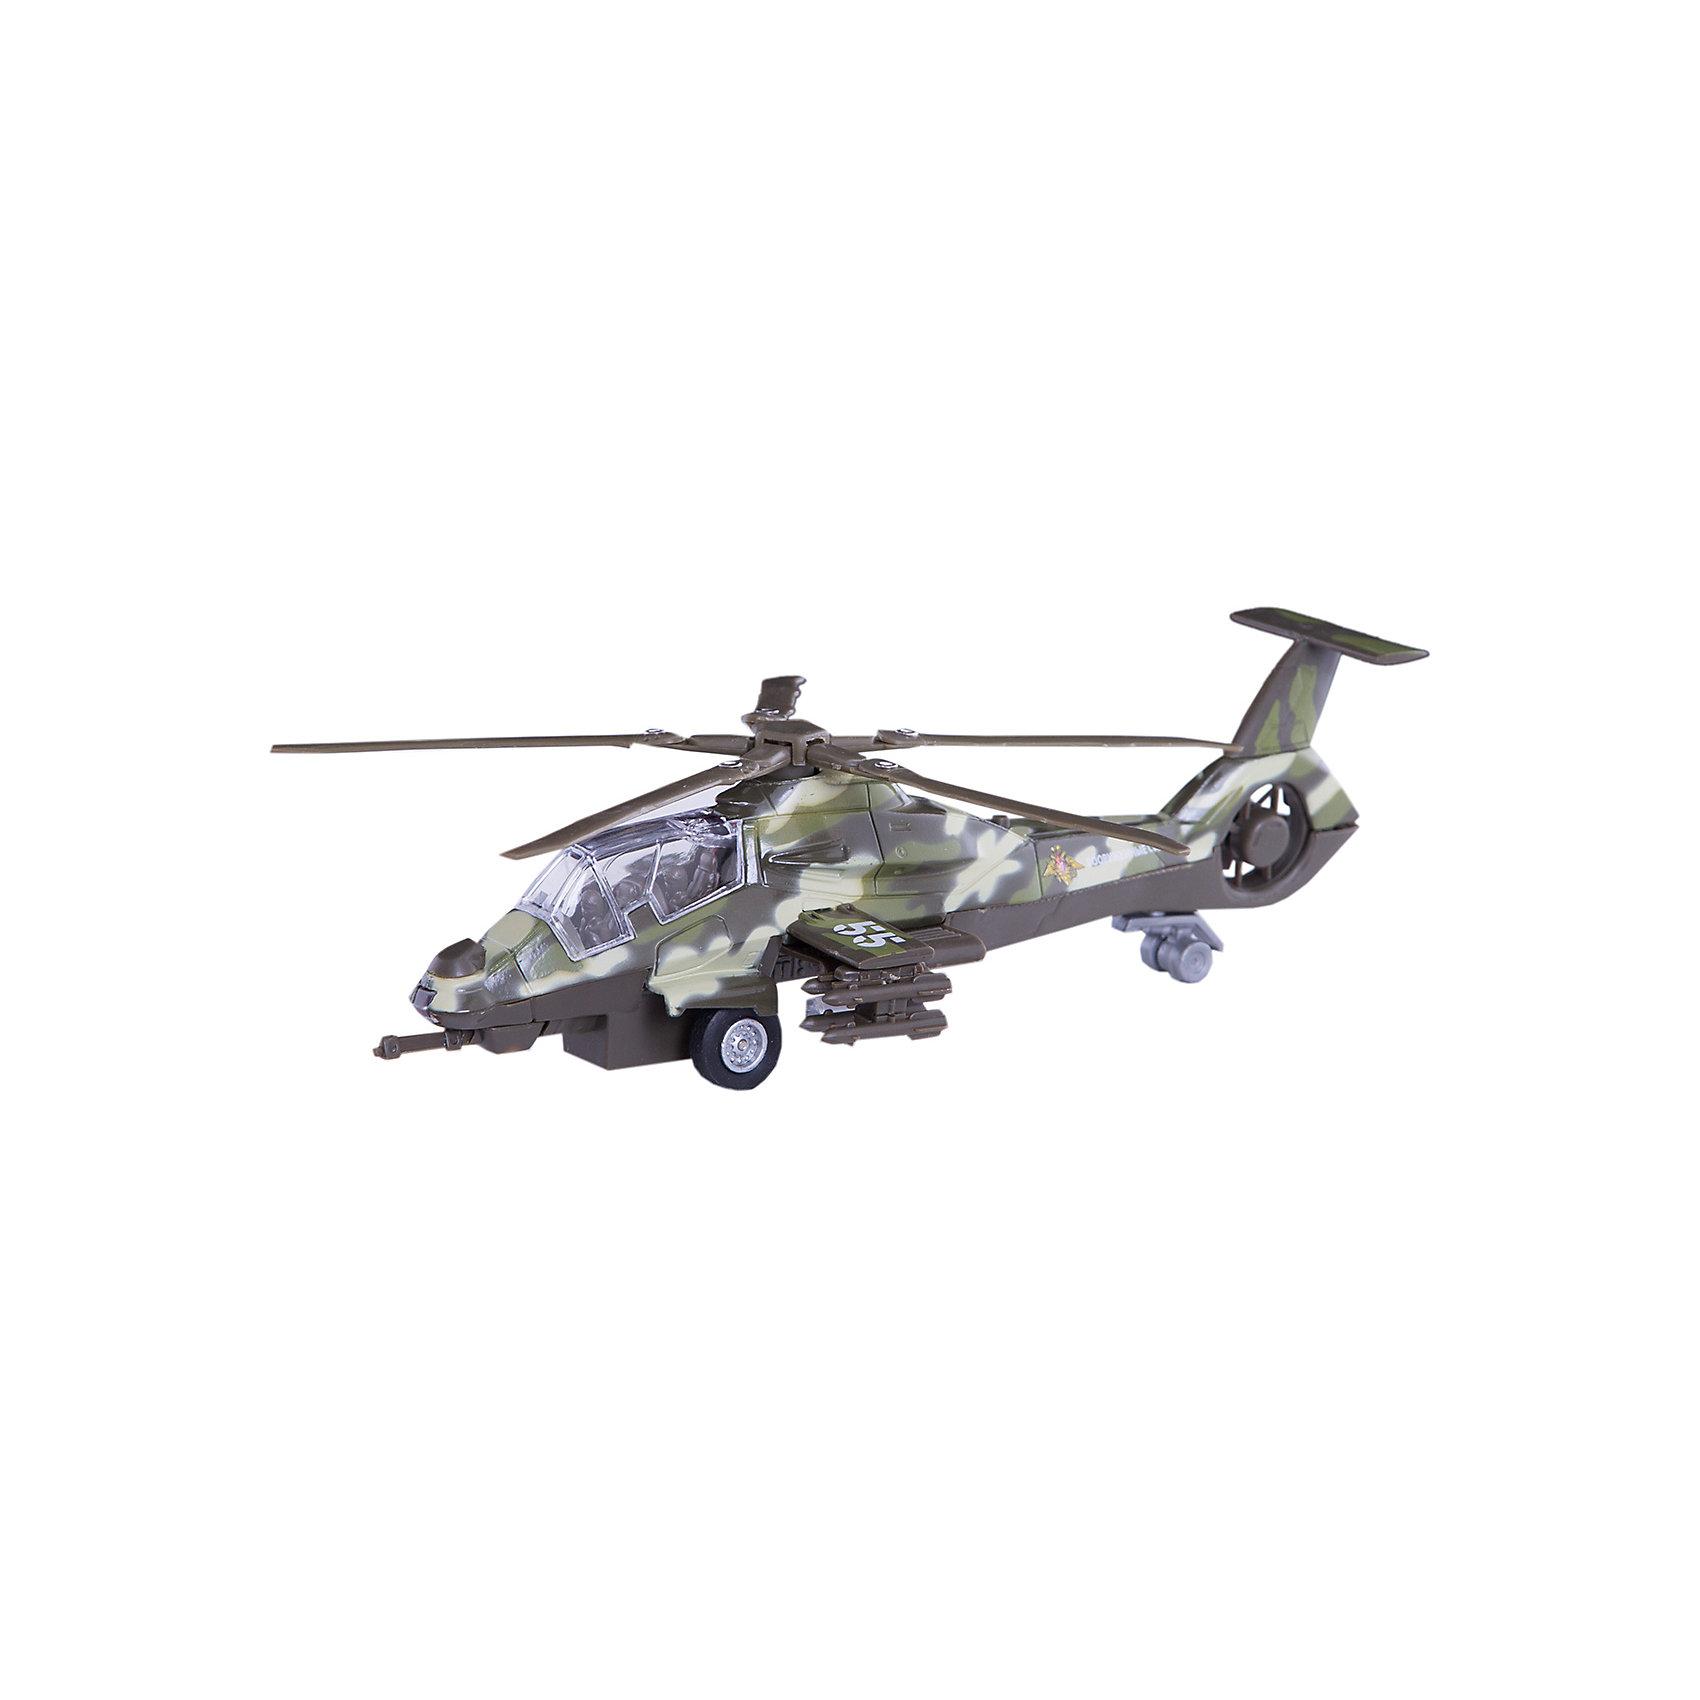 ТЕХНОПАРК Военный вертолётВертолет Технопарк металлический военный инерционный, со светом и звуком.<br>- Русская упаковка.<br><br>Ширина мм: 100<br>Глубина мм: 290<br>Высота мм: 140<br>Вес г: 280<br>Возраст от месяцев: 36<br>Возраст до месяцев: 120<br>Пол: Мужской<br>Возраст: Детский<br>SKU: 2149064